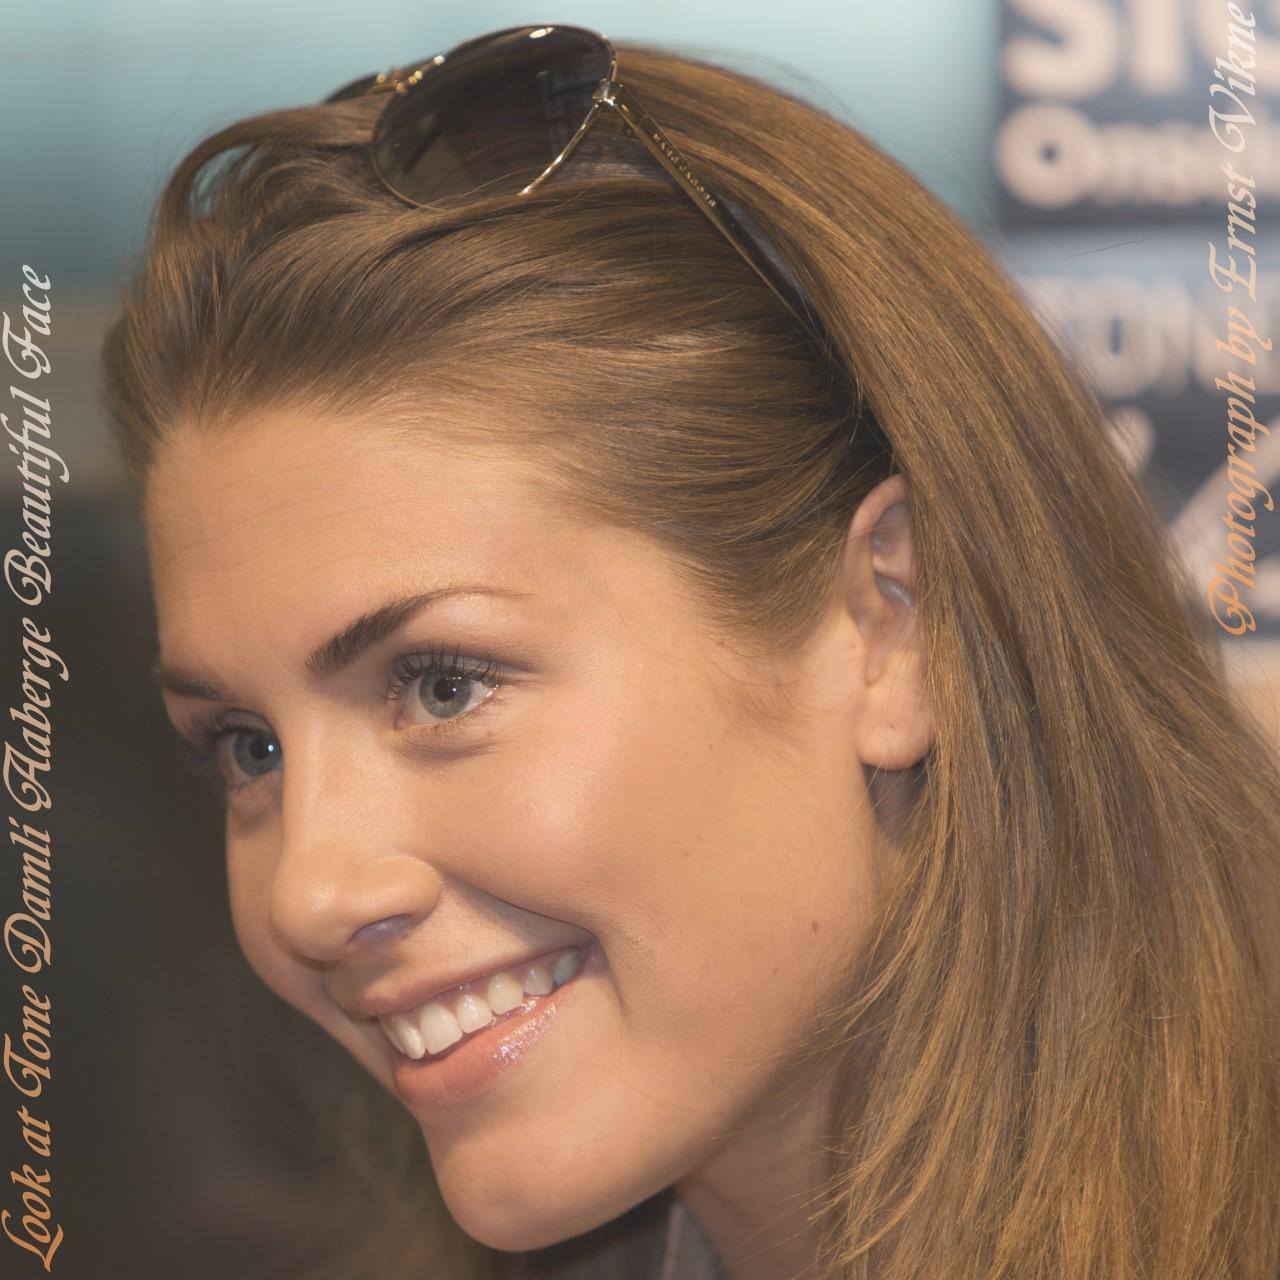 http://4.bp.blogspot.com/__UQSIjH59iA/TFjqK27-T7I/AAAAAAAAFjw/UbYK_t7yhGA/s1600/Tone_Damli_Aaberge_Beautiful_Face_1280x1280_Pixels.jpg